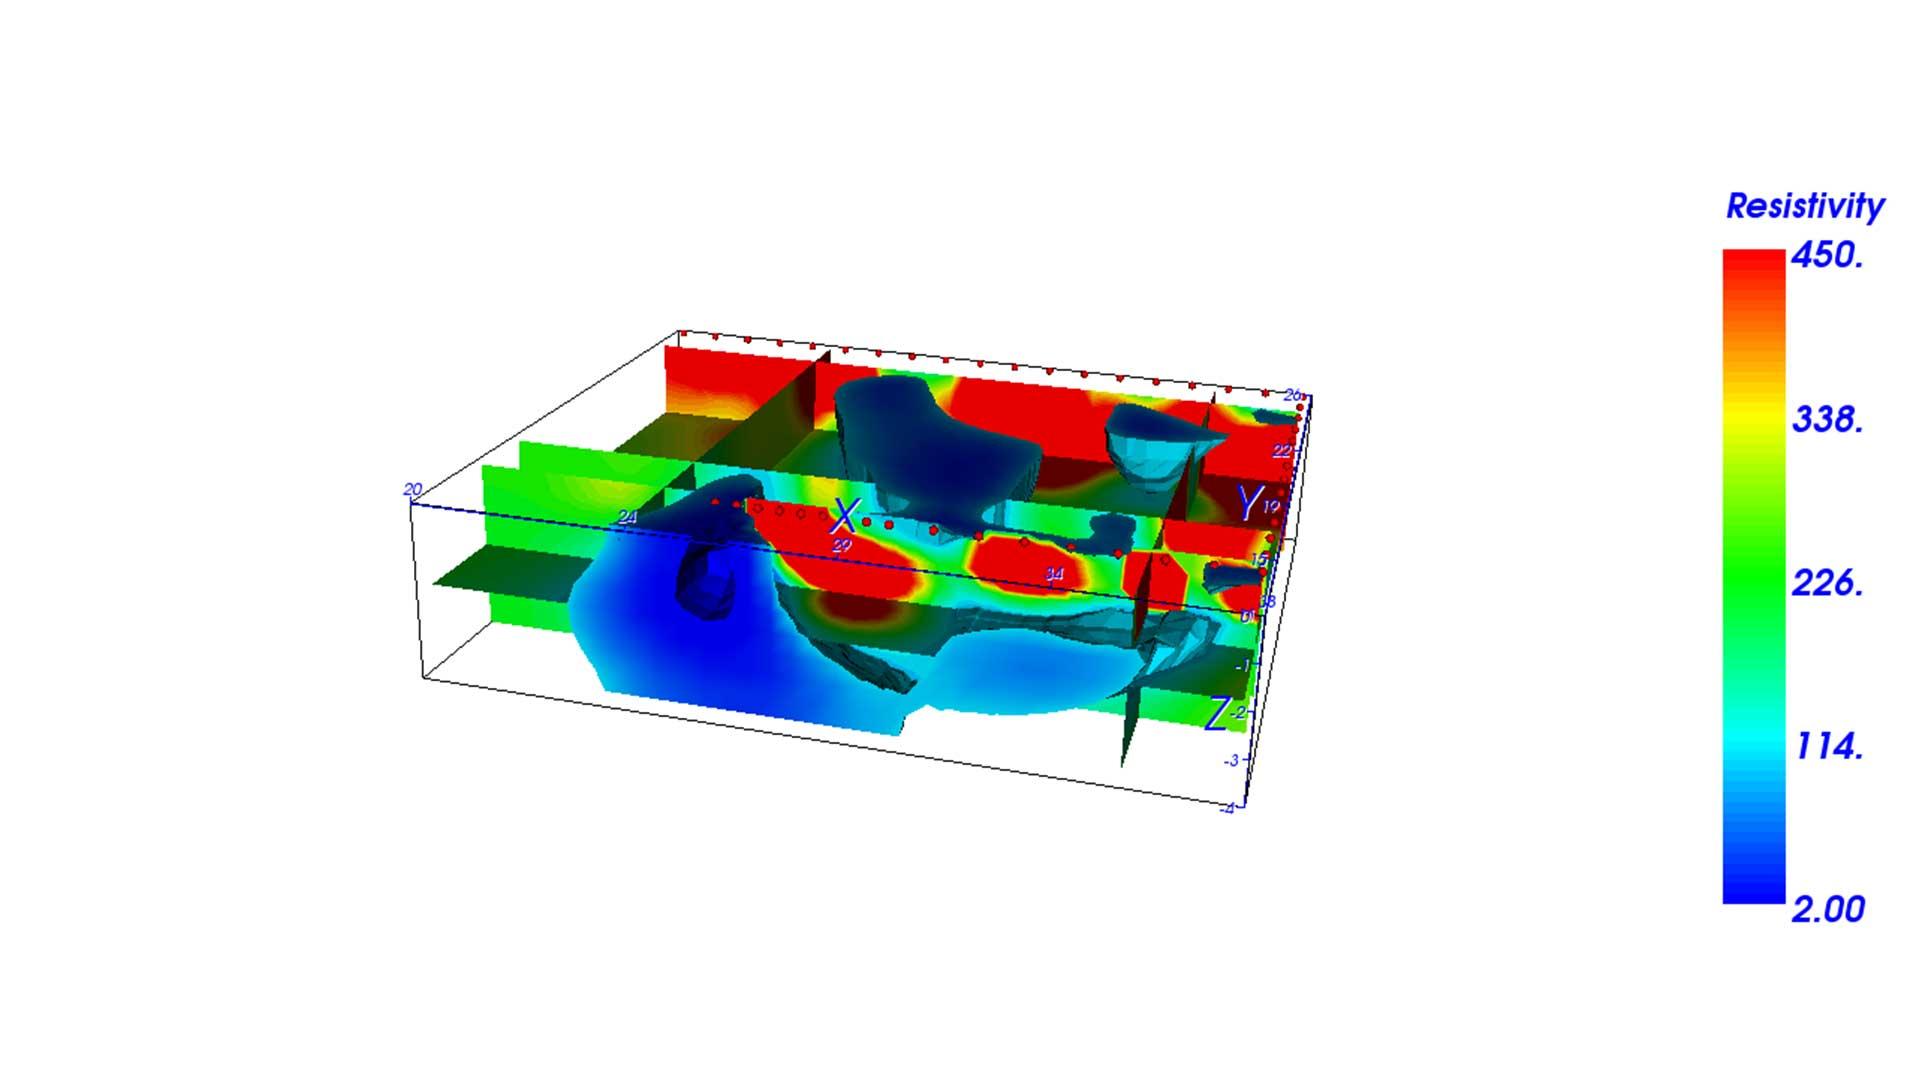 GEOELELAB-geolettrica-3D----1